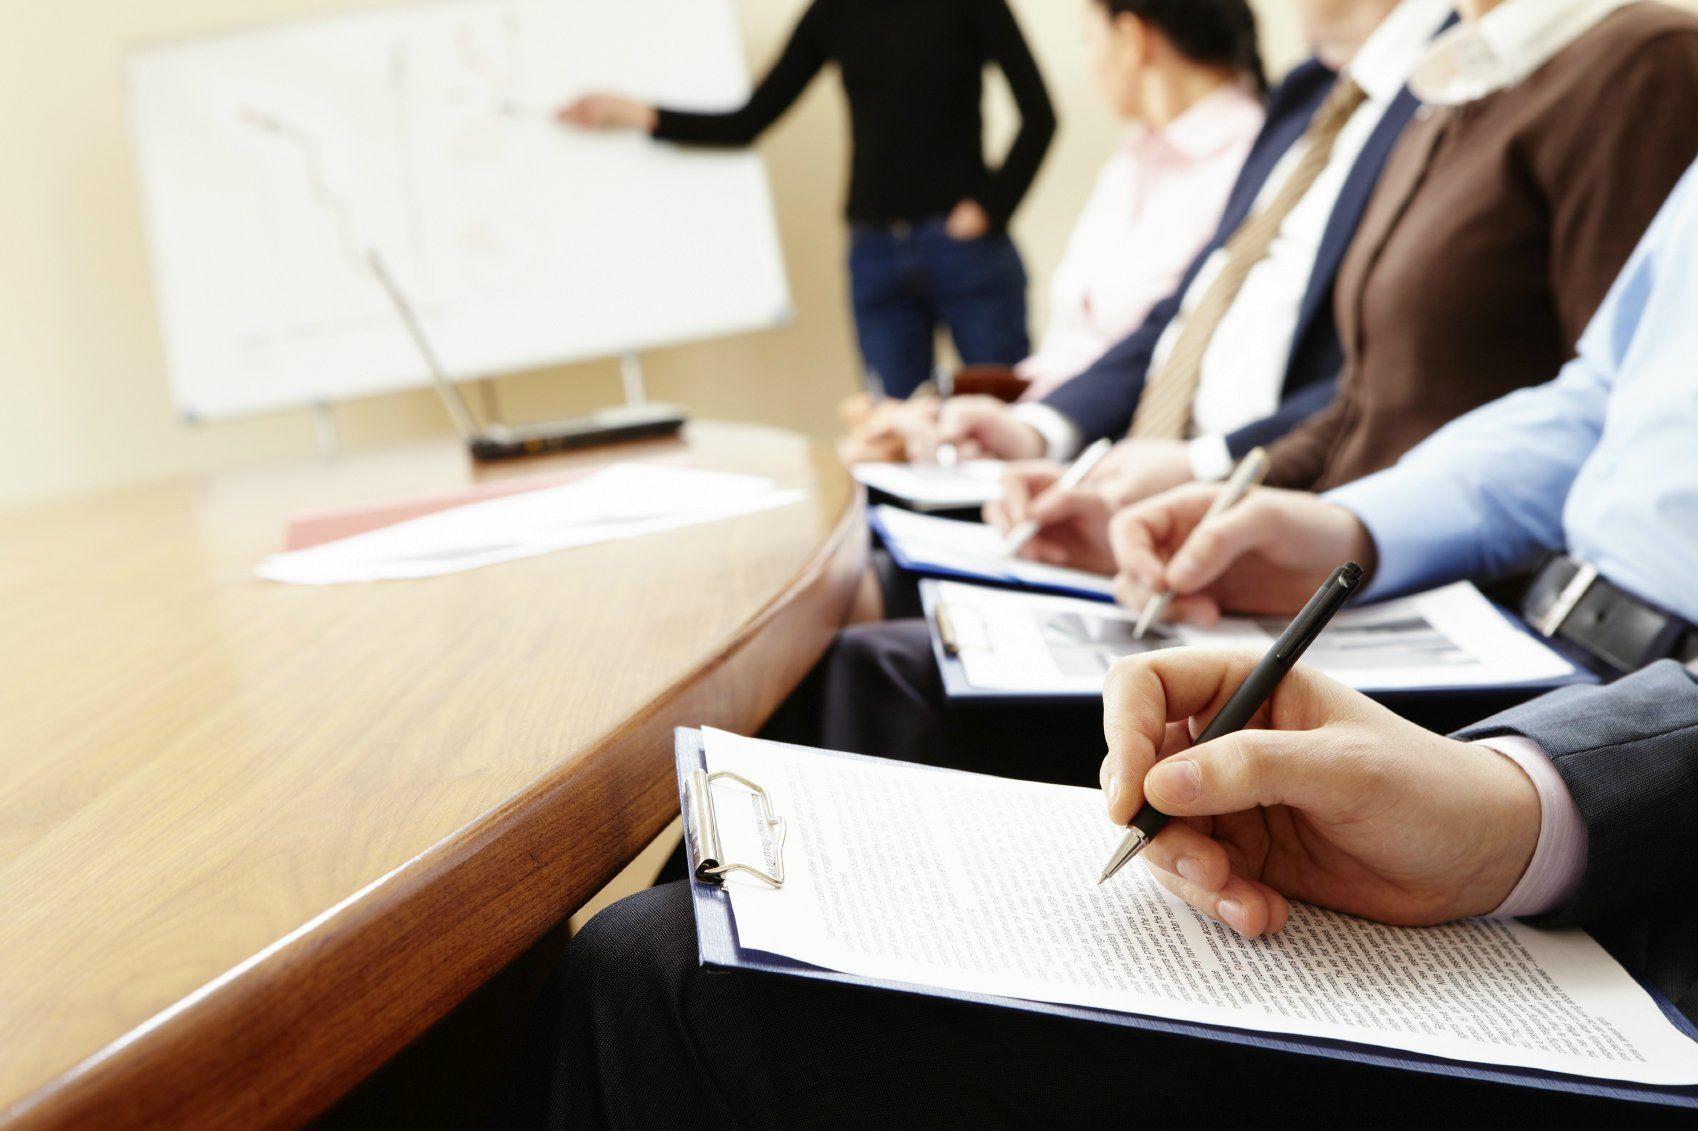 business-seminar-business